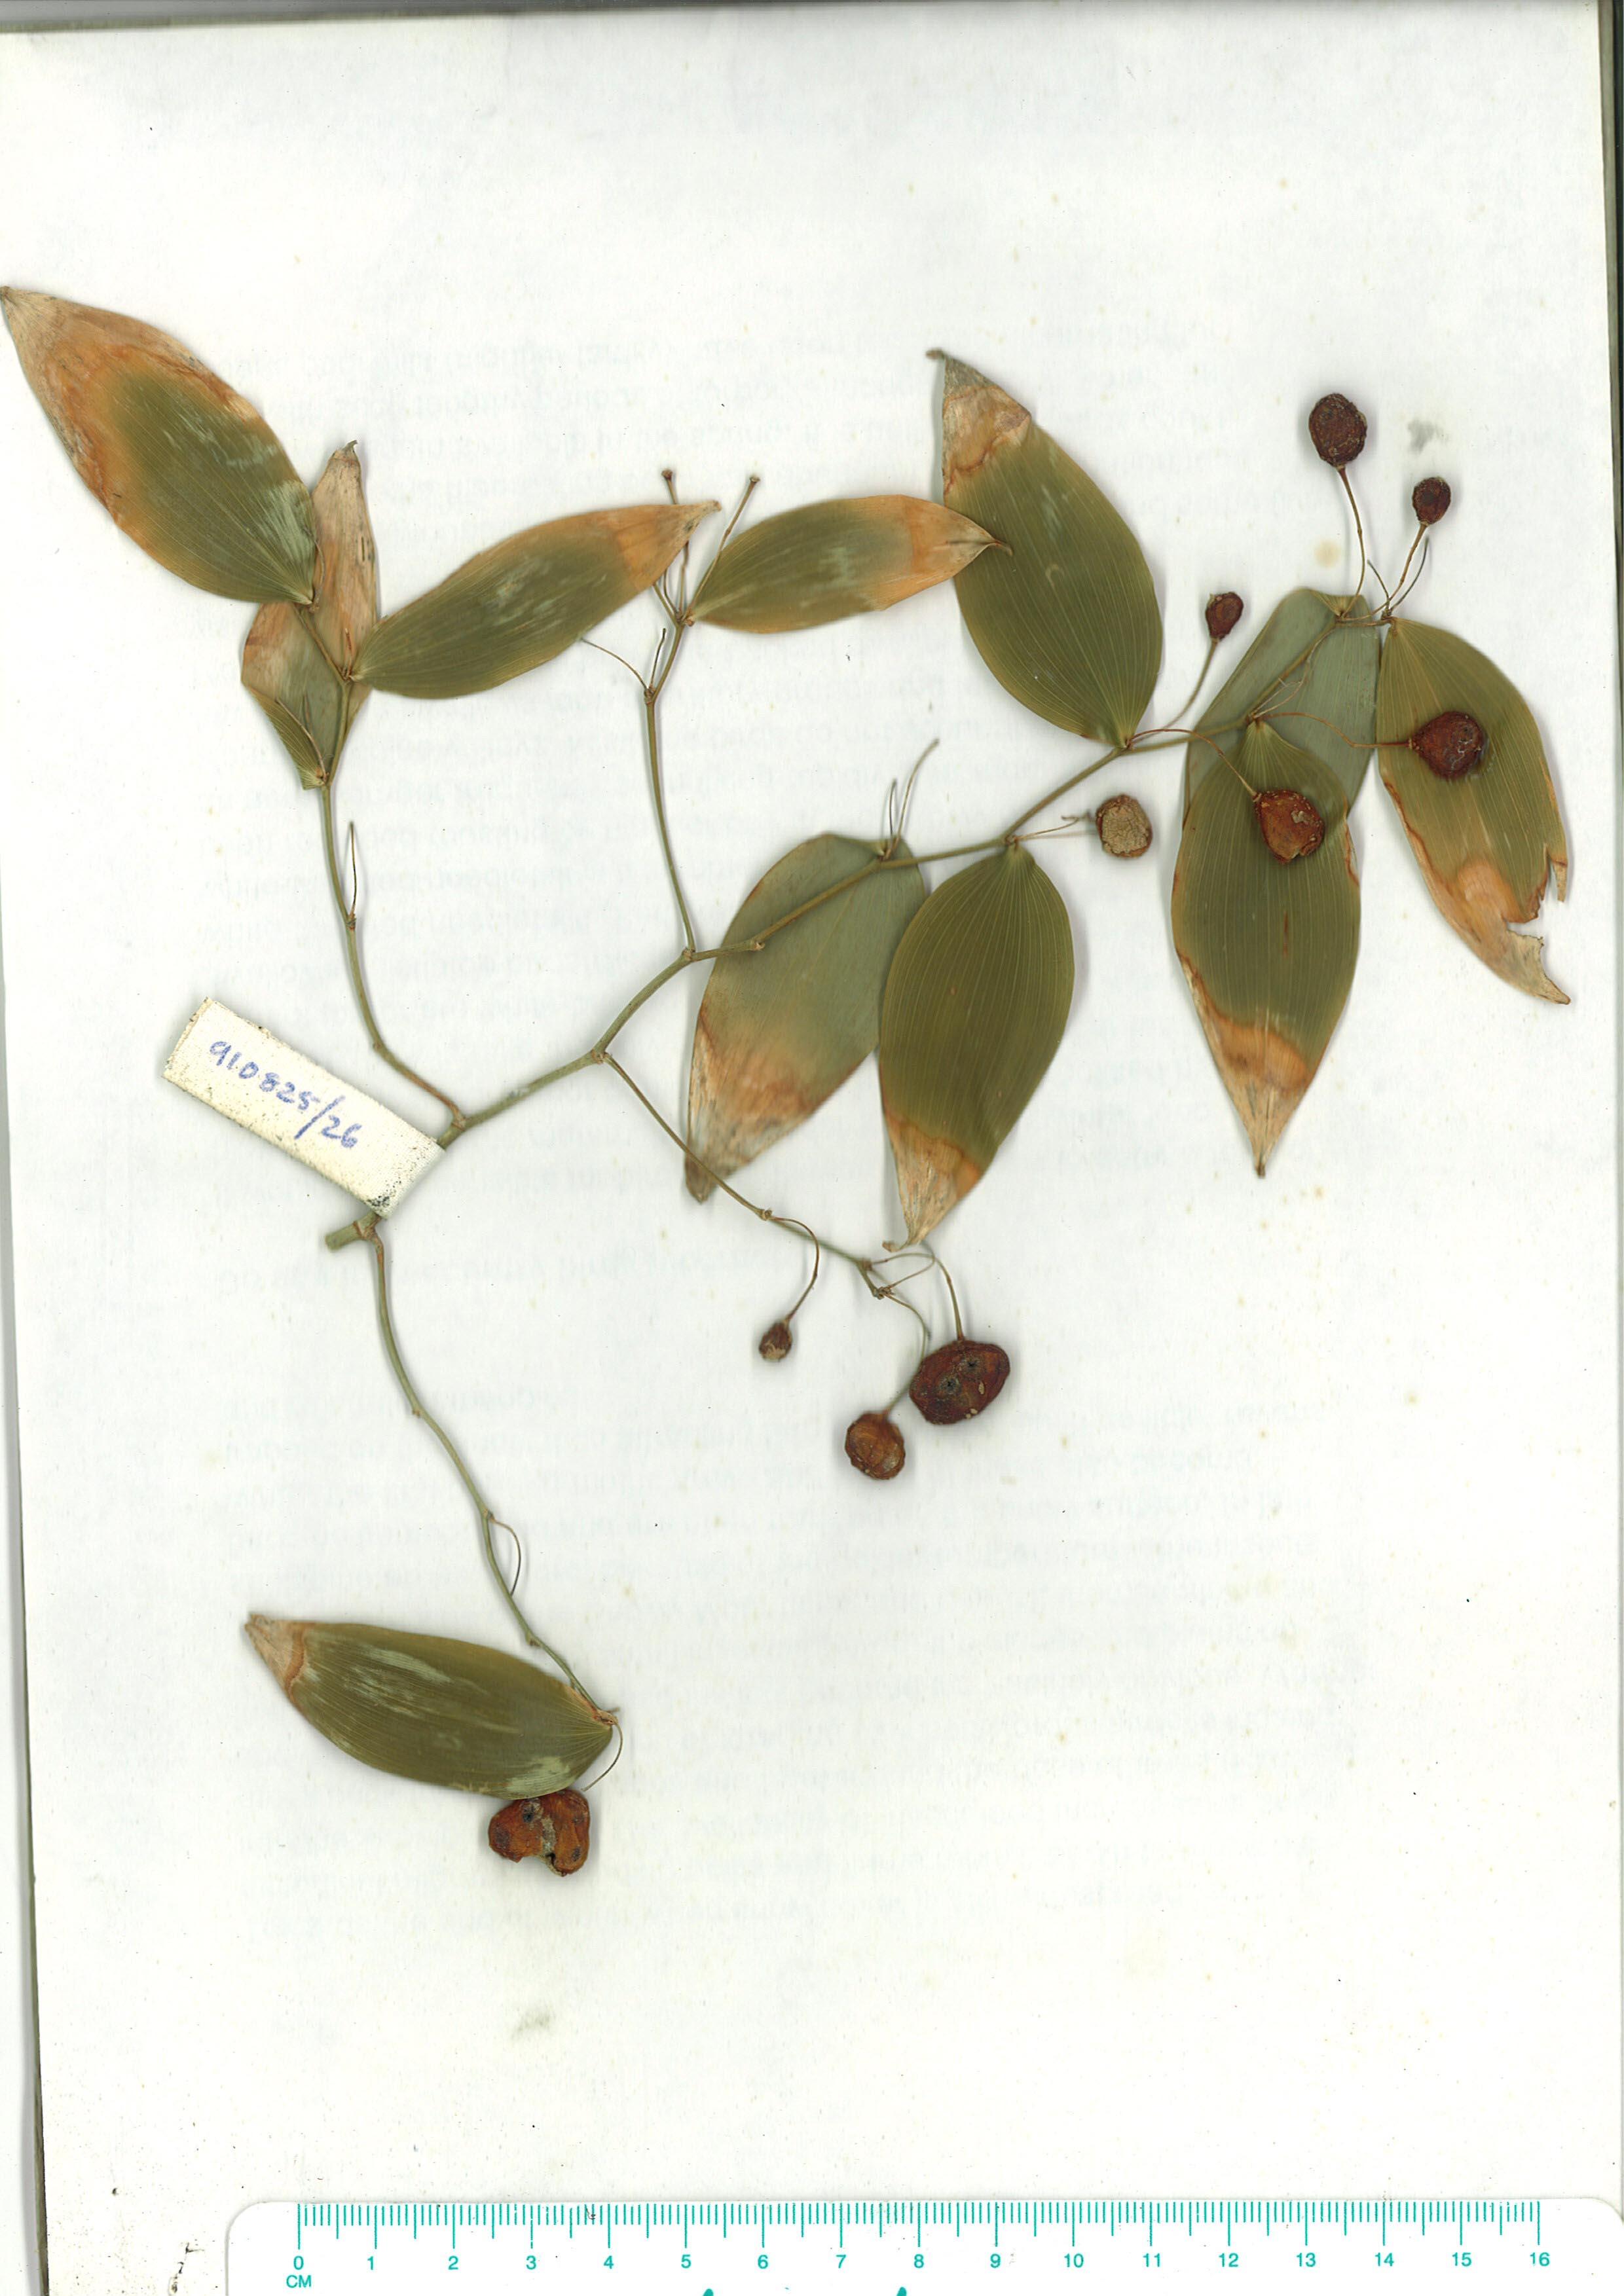 Scanned herbarium image Eustrephus latifolius